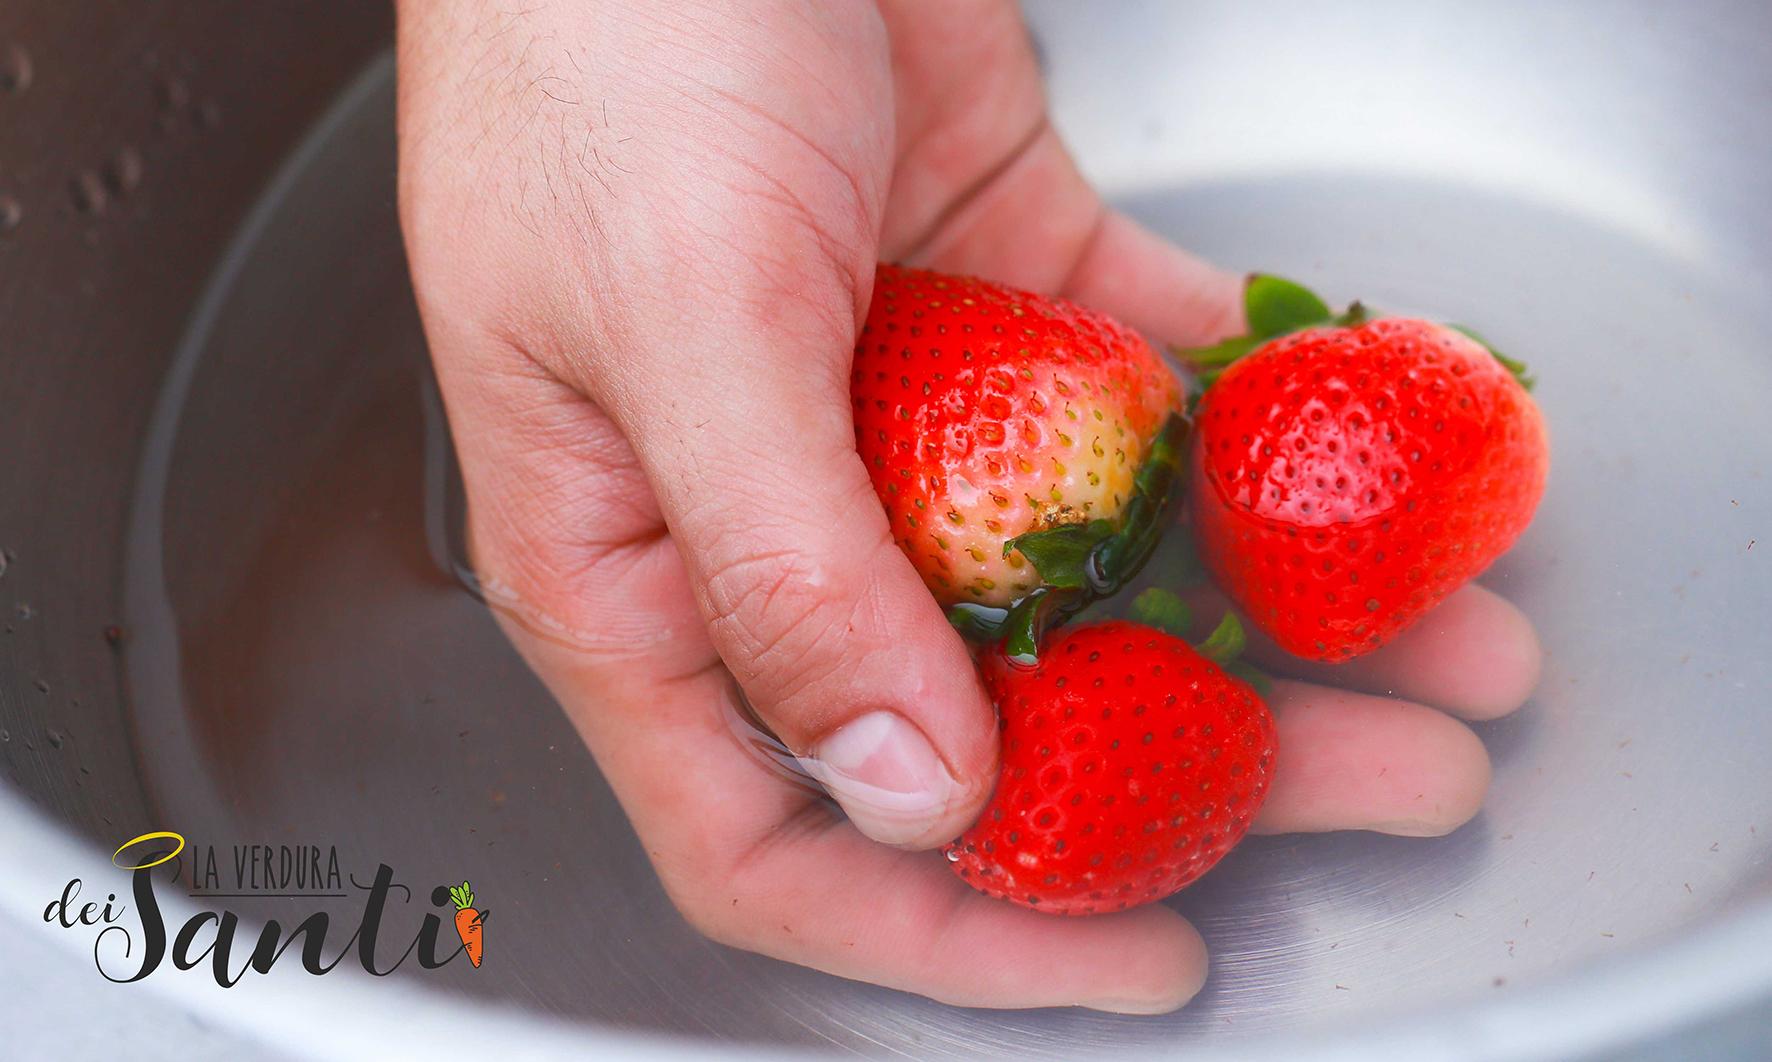 Come conservare le fragole a lungo in frigo?